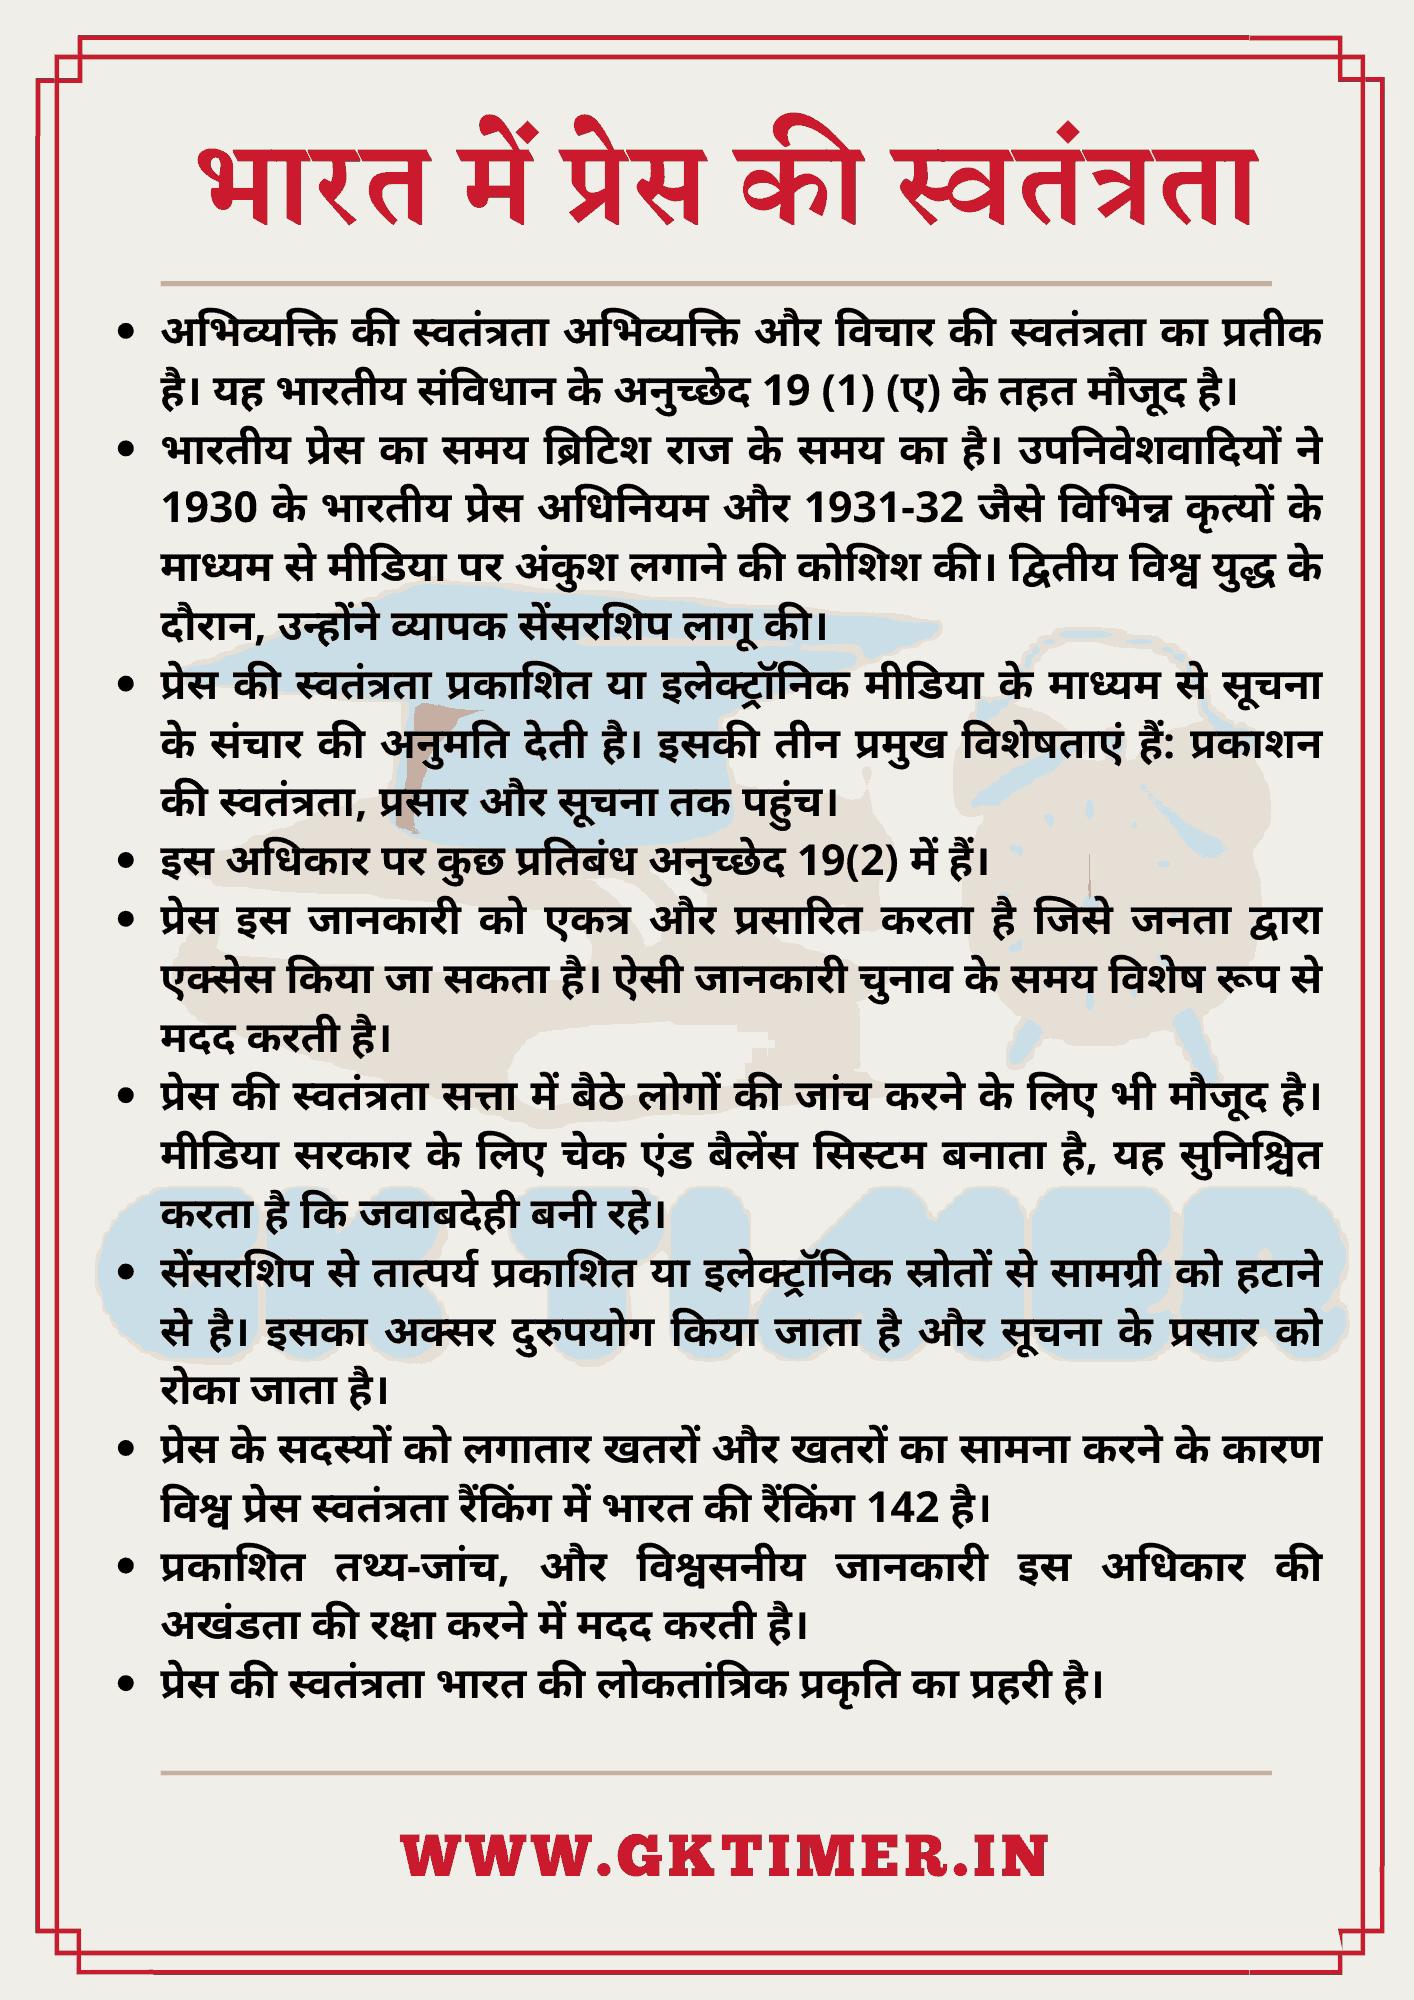 भारत में प्रेस की स्वतंत्रता पर निबंध   Essay on Freedom of Press in India in Hindi   10 Lines on Freedom of Press in India